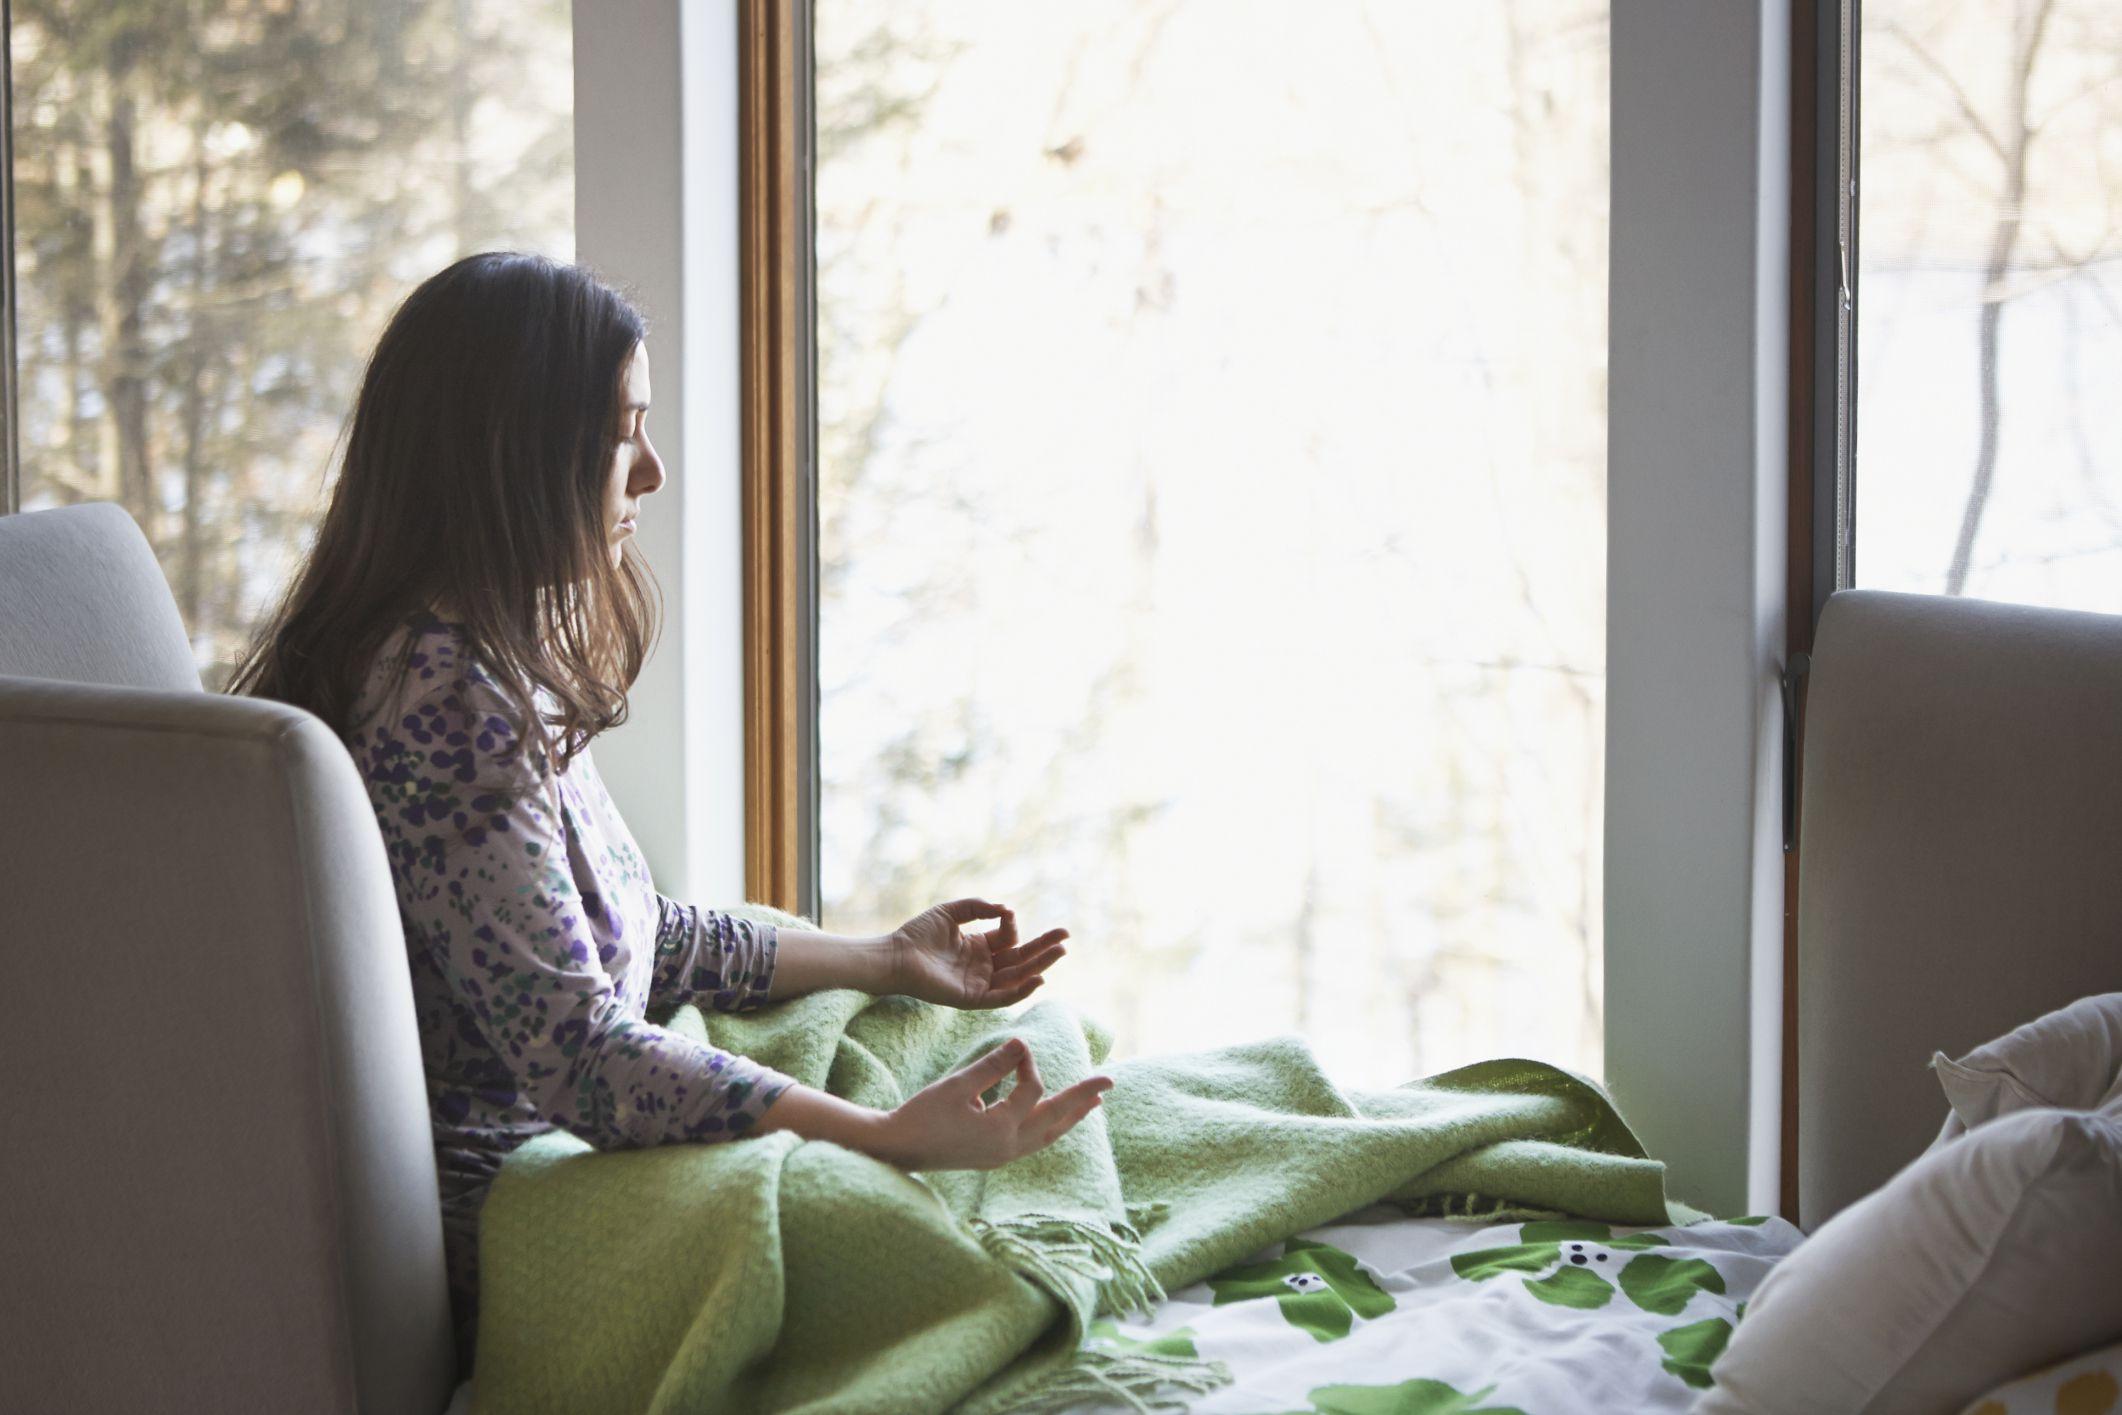 ન્યૂ યોર્કના સંશોધકોનો દાવો, દિવસમાં રોજ 10 મિનિટનું મેડિટેશન વ્યક્તિની એકાગ્રતા વધારે છે, બ્રેન સ્કેનિંગ પરથી સાબિત થયું|હેલ્થ,Health - Divya Bhaskar